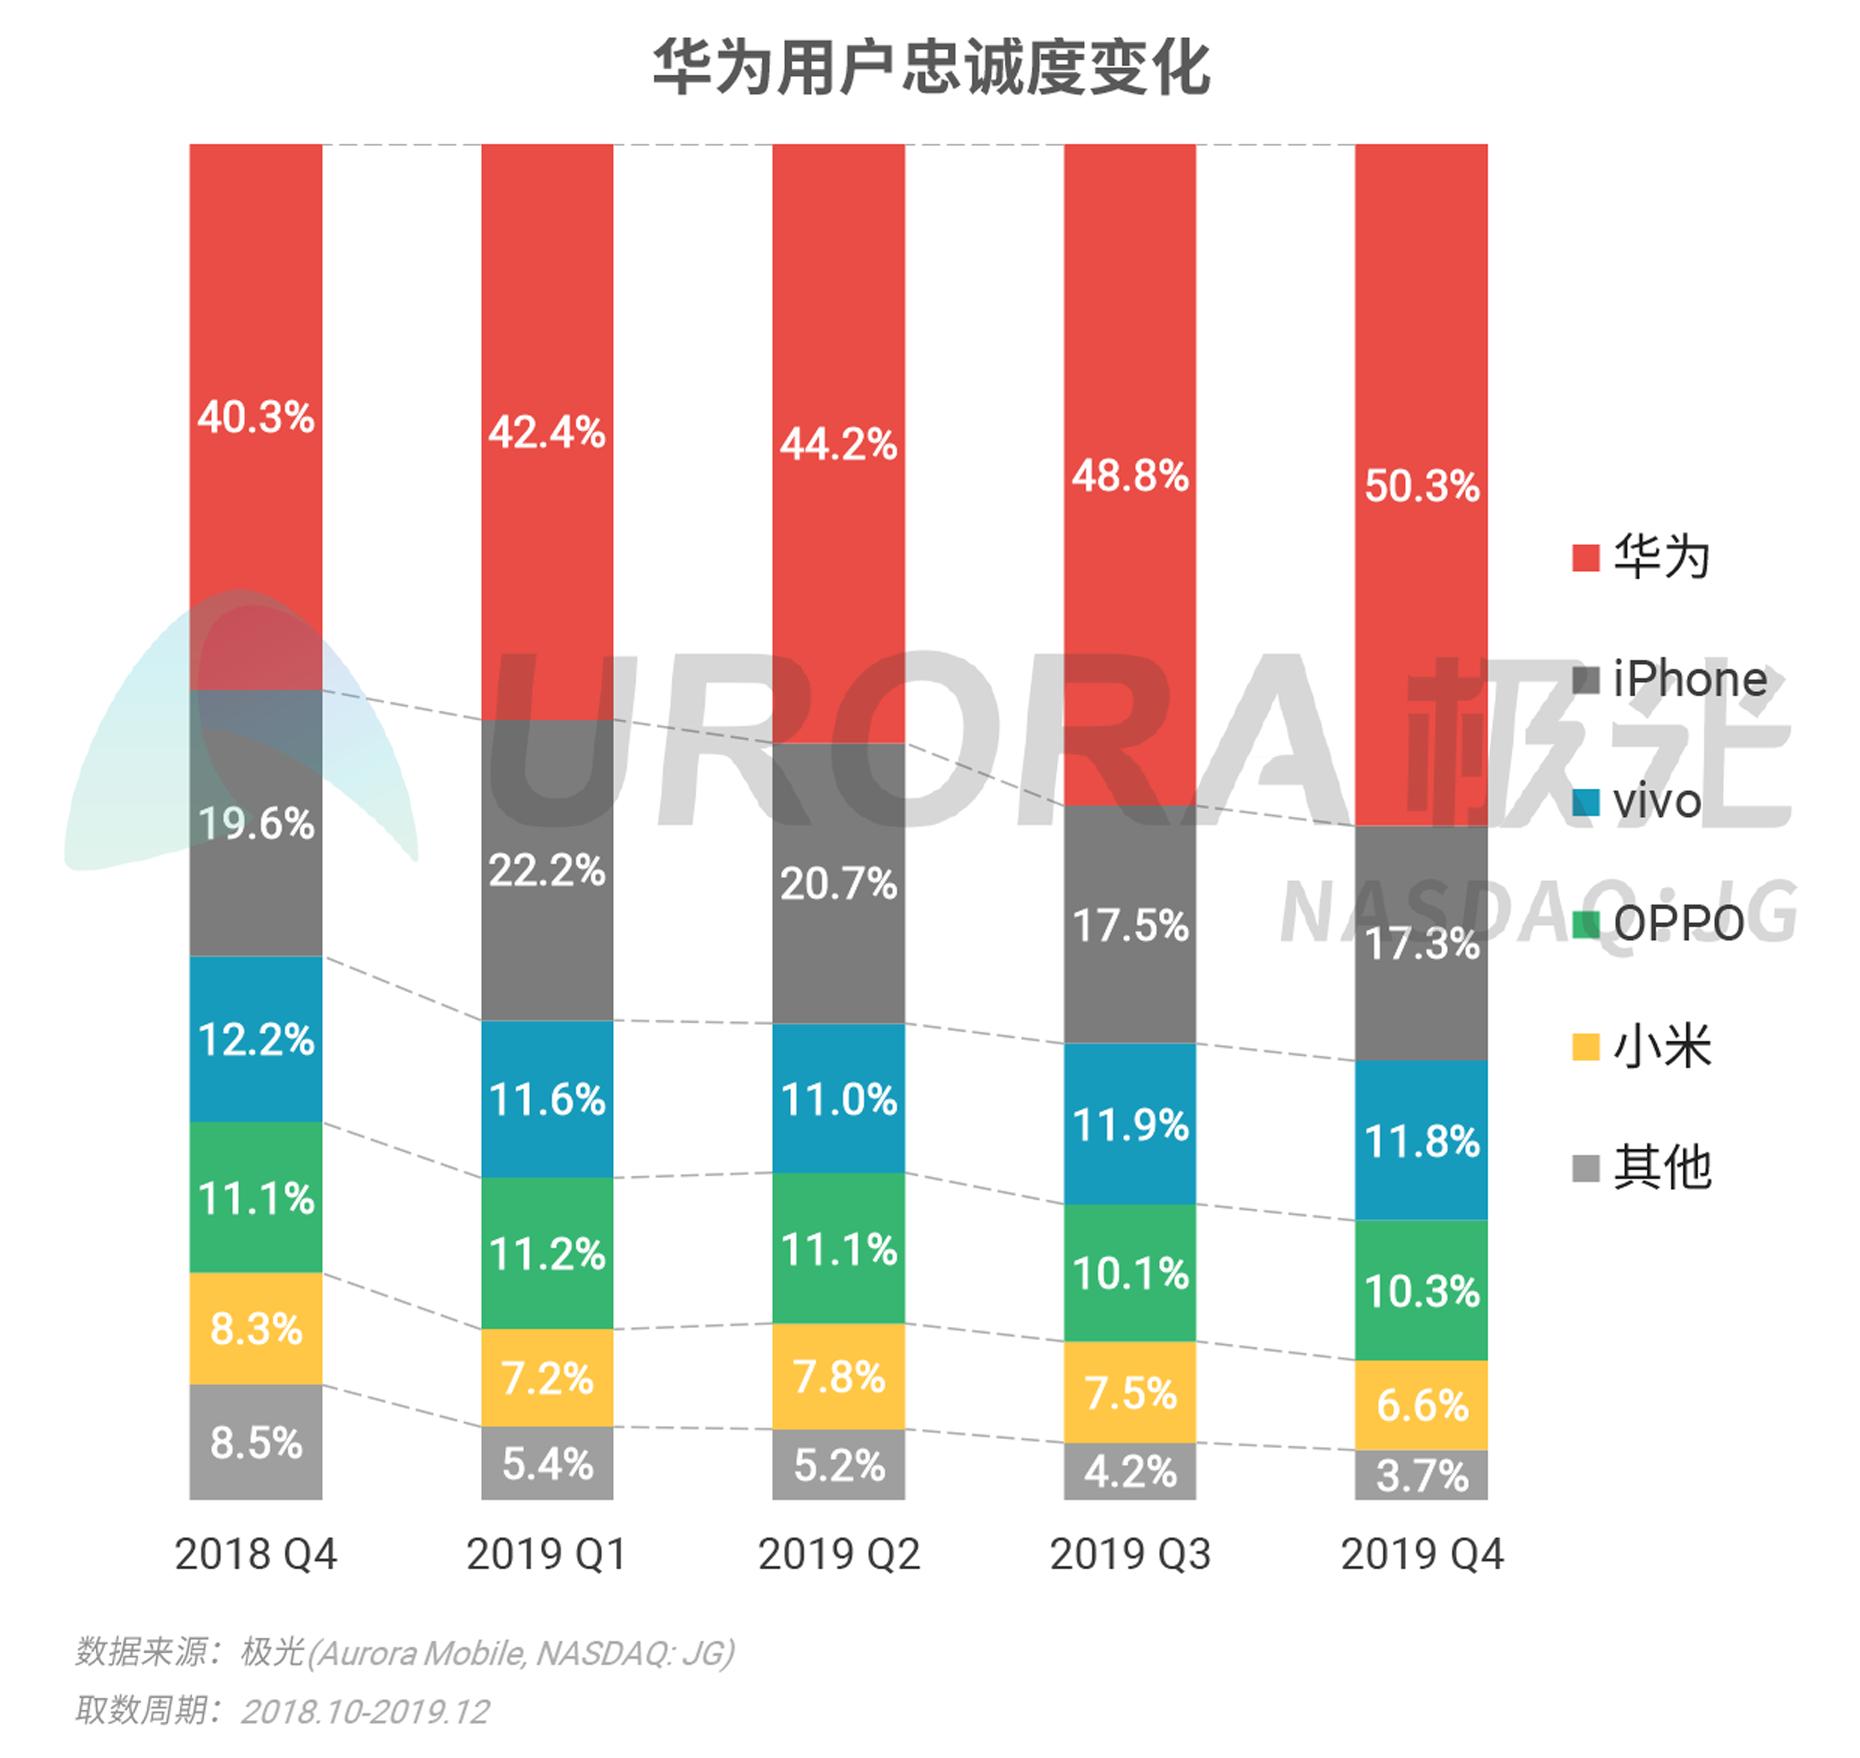 2019年Q4智能手机行业研究报告-V4---加粗版-19.png